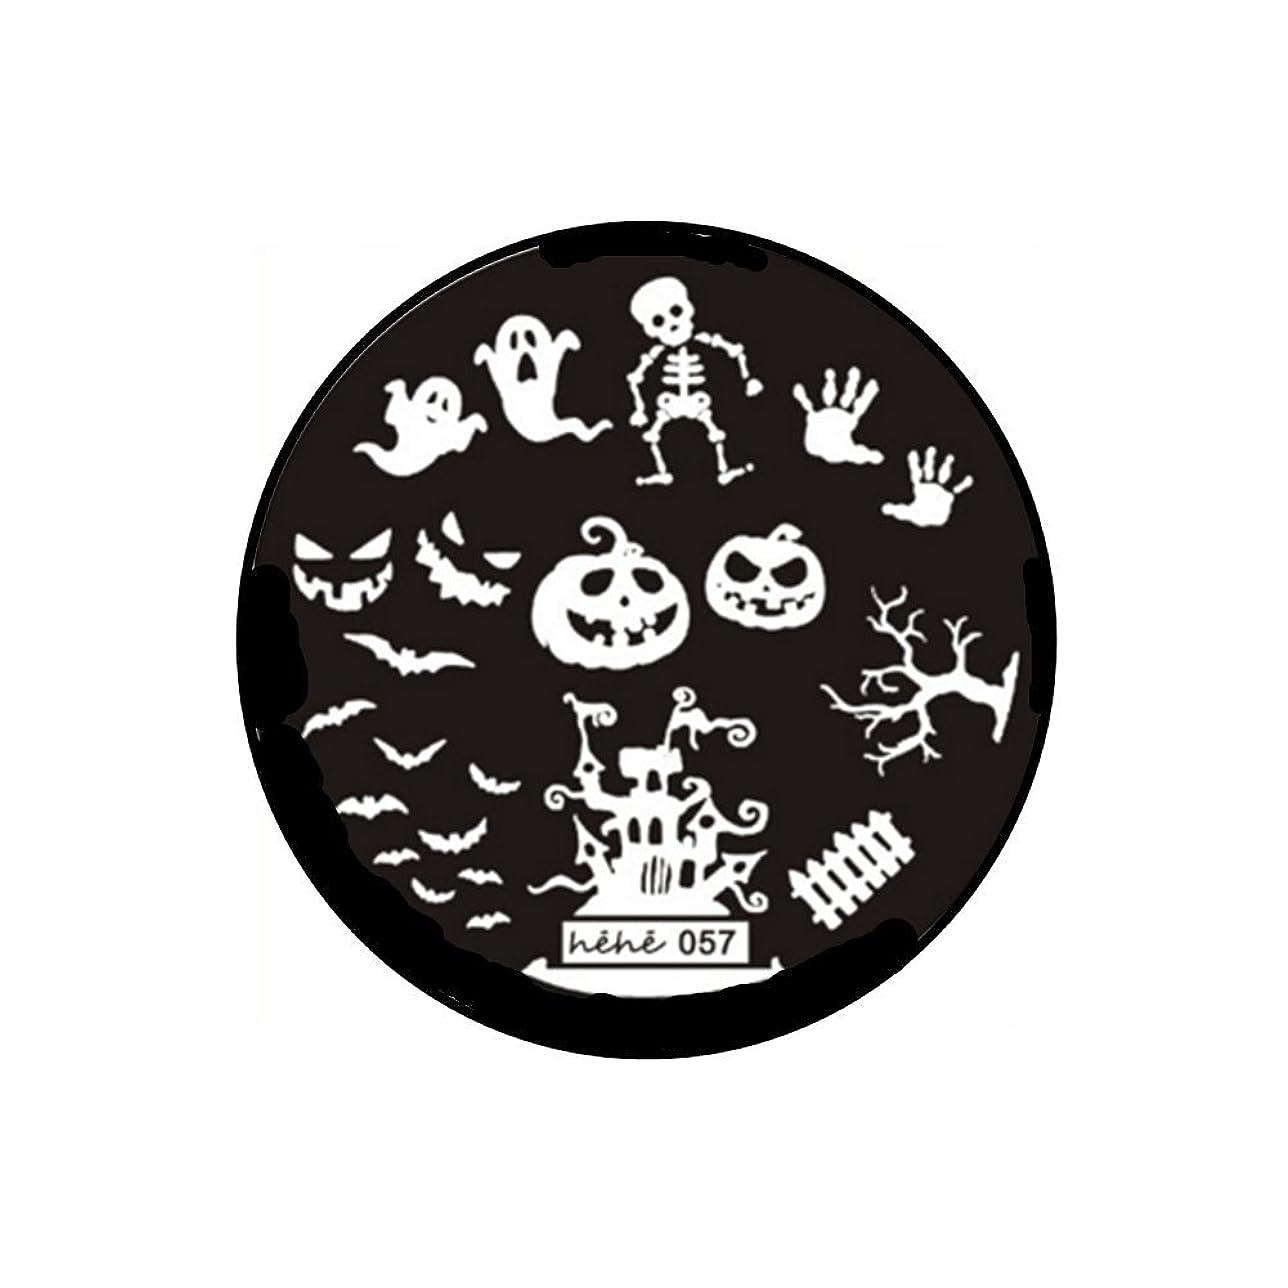 労働者応援する舗装する1枚 スタンピングプレート 【 ハロウィンテーマ ネイル ジェルネイル ネイルアート ネイルスタンプ ネイル スタンプ 】heheイメージプレート